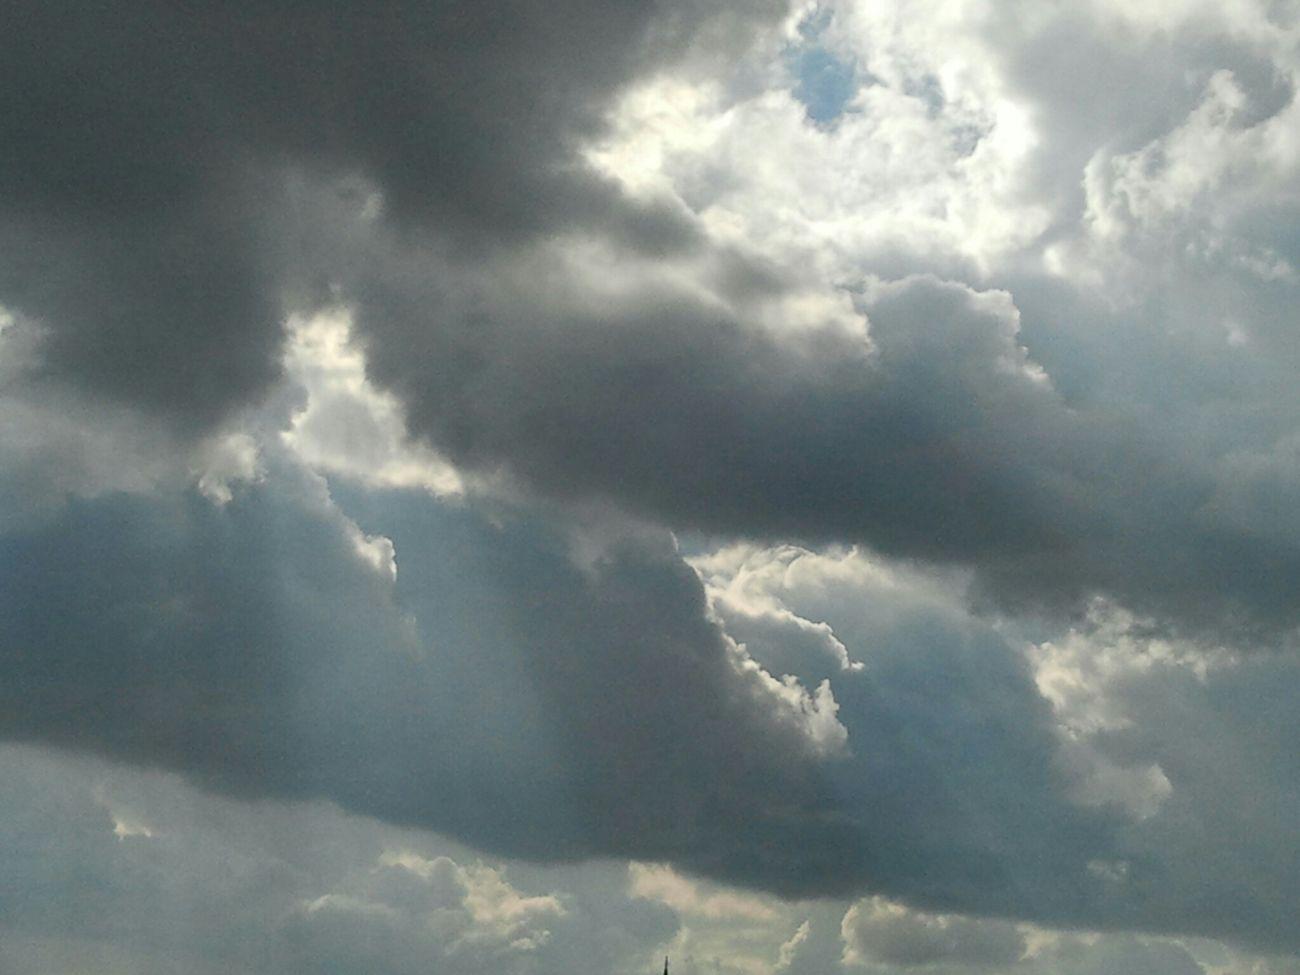 Ülkemin üzerindeki kara bulutlar hepimizin yüreğini parçalar duruma geldi... Aydınlansın artık her yanımız, yüzümüz, kalbimiz, ruhumuz... Eye4photography  Weneedamiracle Nature Sky And Clouds Great Outdoors Sunlights Ineedamiracleformylostsoul Landscape Mothernature Landscape_Collection